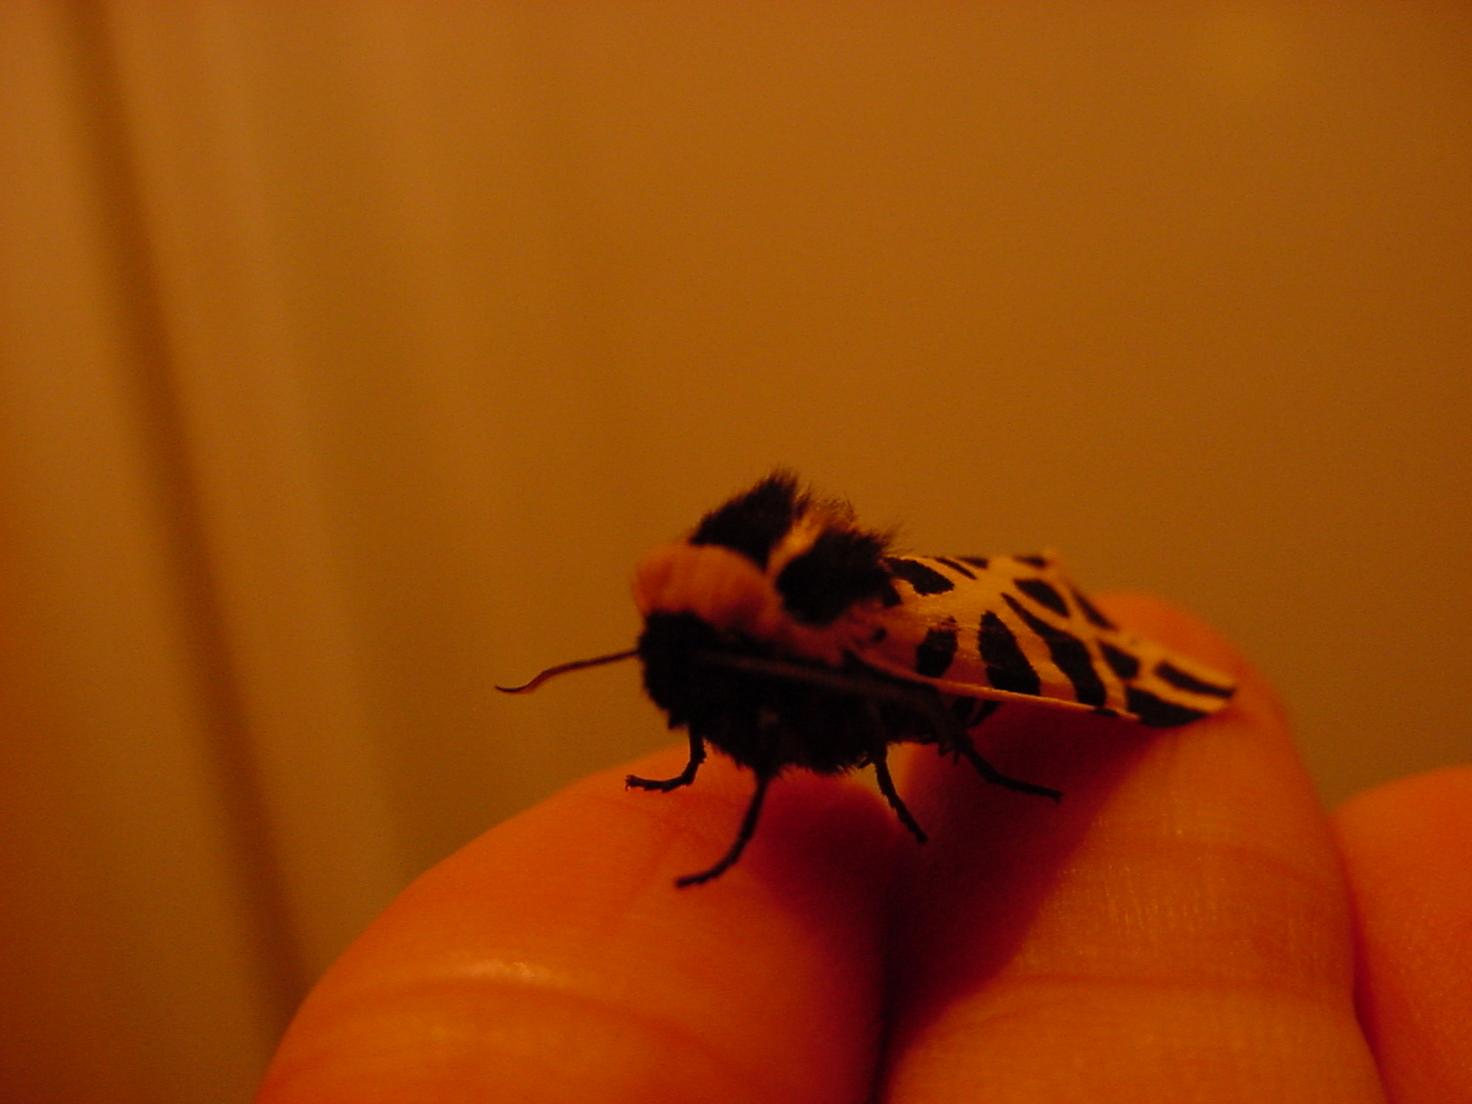 insektokutor moth brown wings fur hair spots black